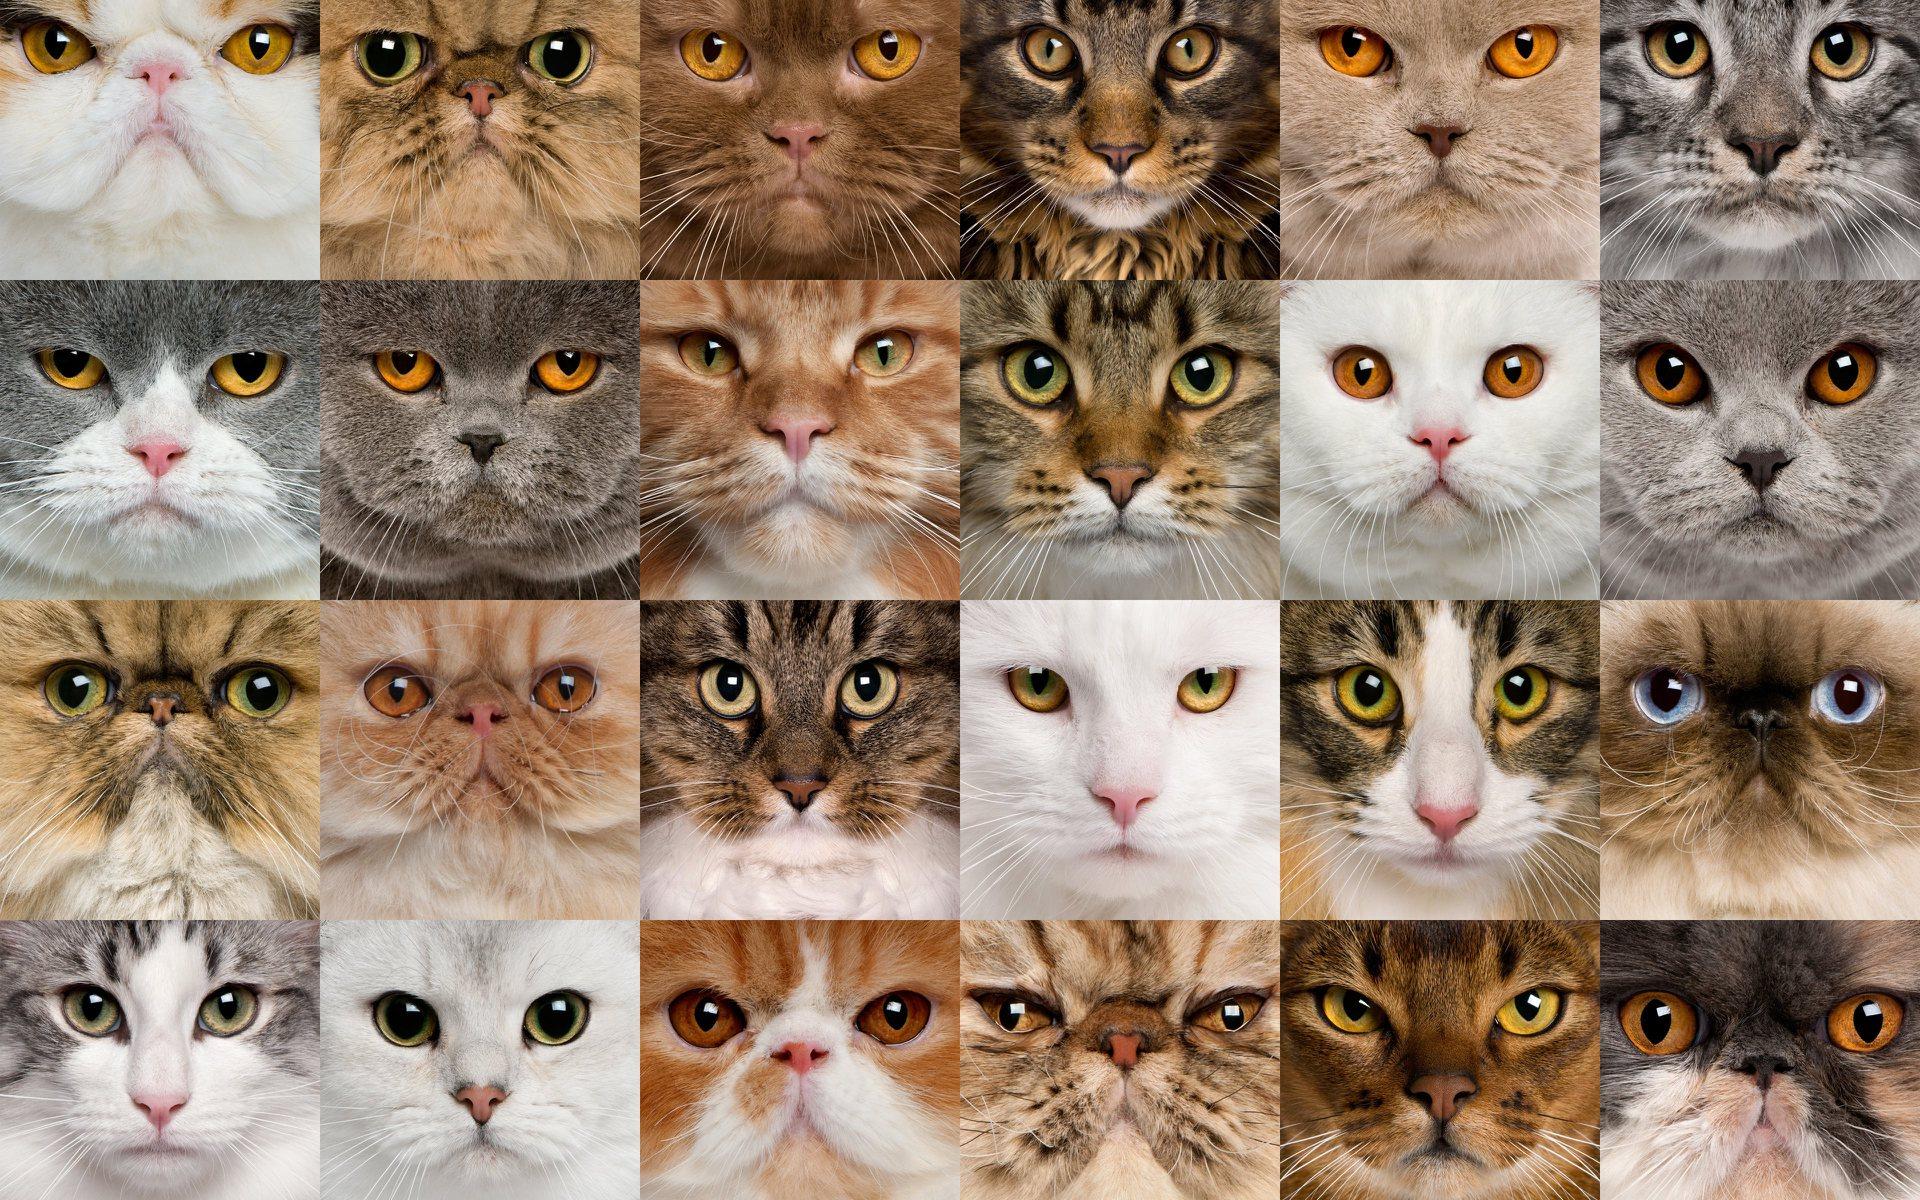 решение все кошачьи список с картинками этот колхозник президентом